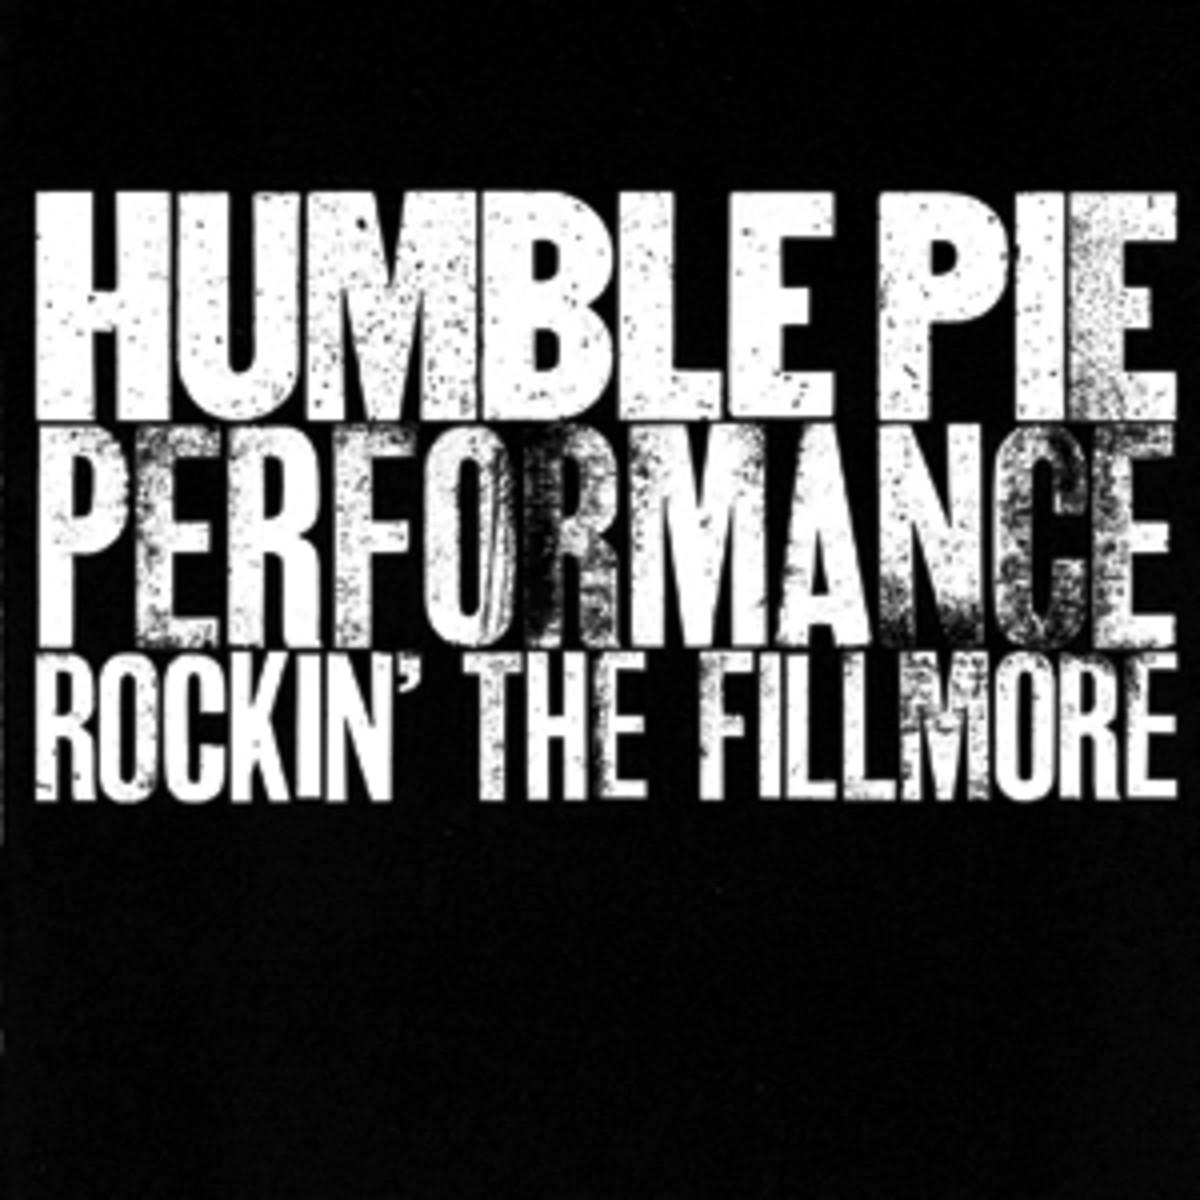 Performance, Rockin theFillmoreHumble Pie